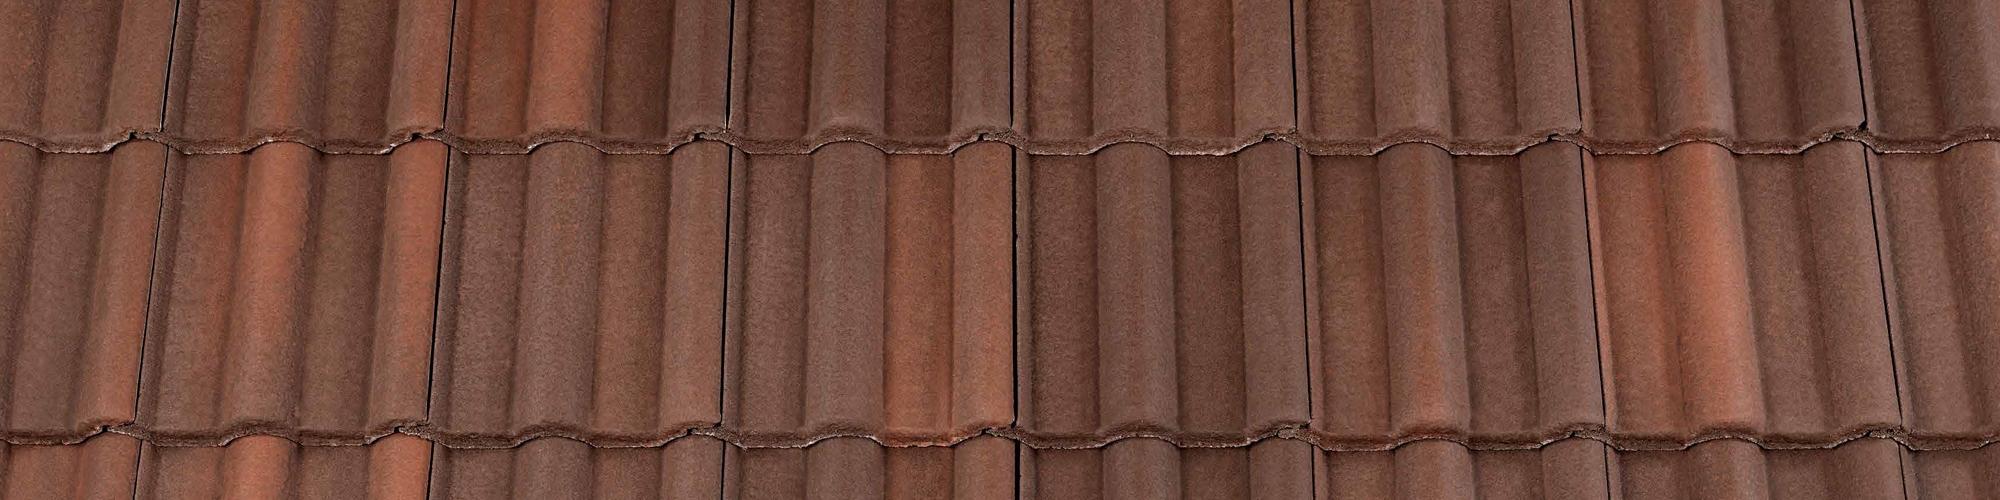 clay tiles, redland chester, concrete tiles